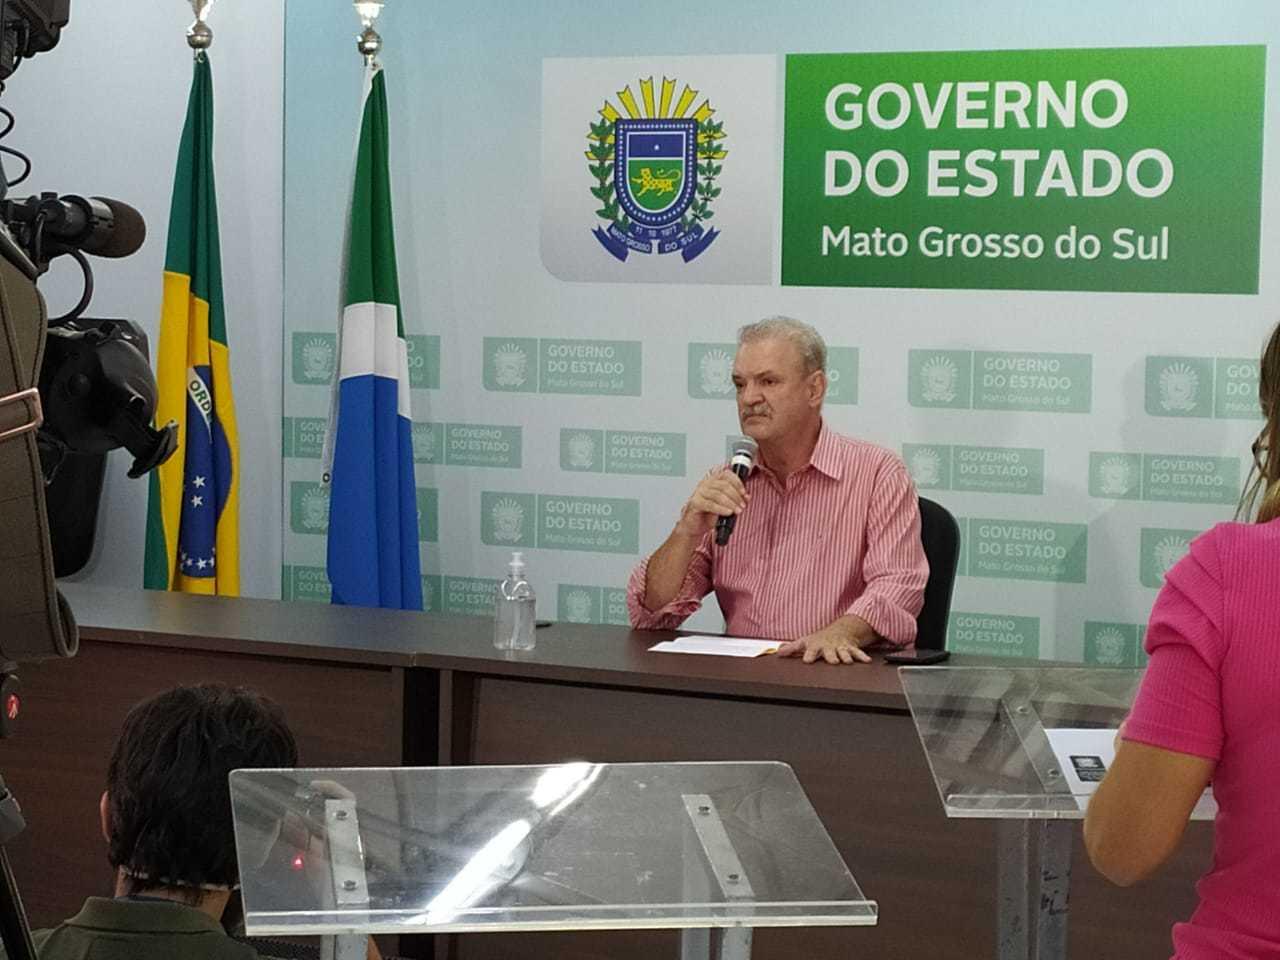 Secretário de Estado de Saúde, Geraldo Resende, confirmou primeiro óbito em MS nesta tarde (Foto: Liniker Ribeiro)